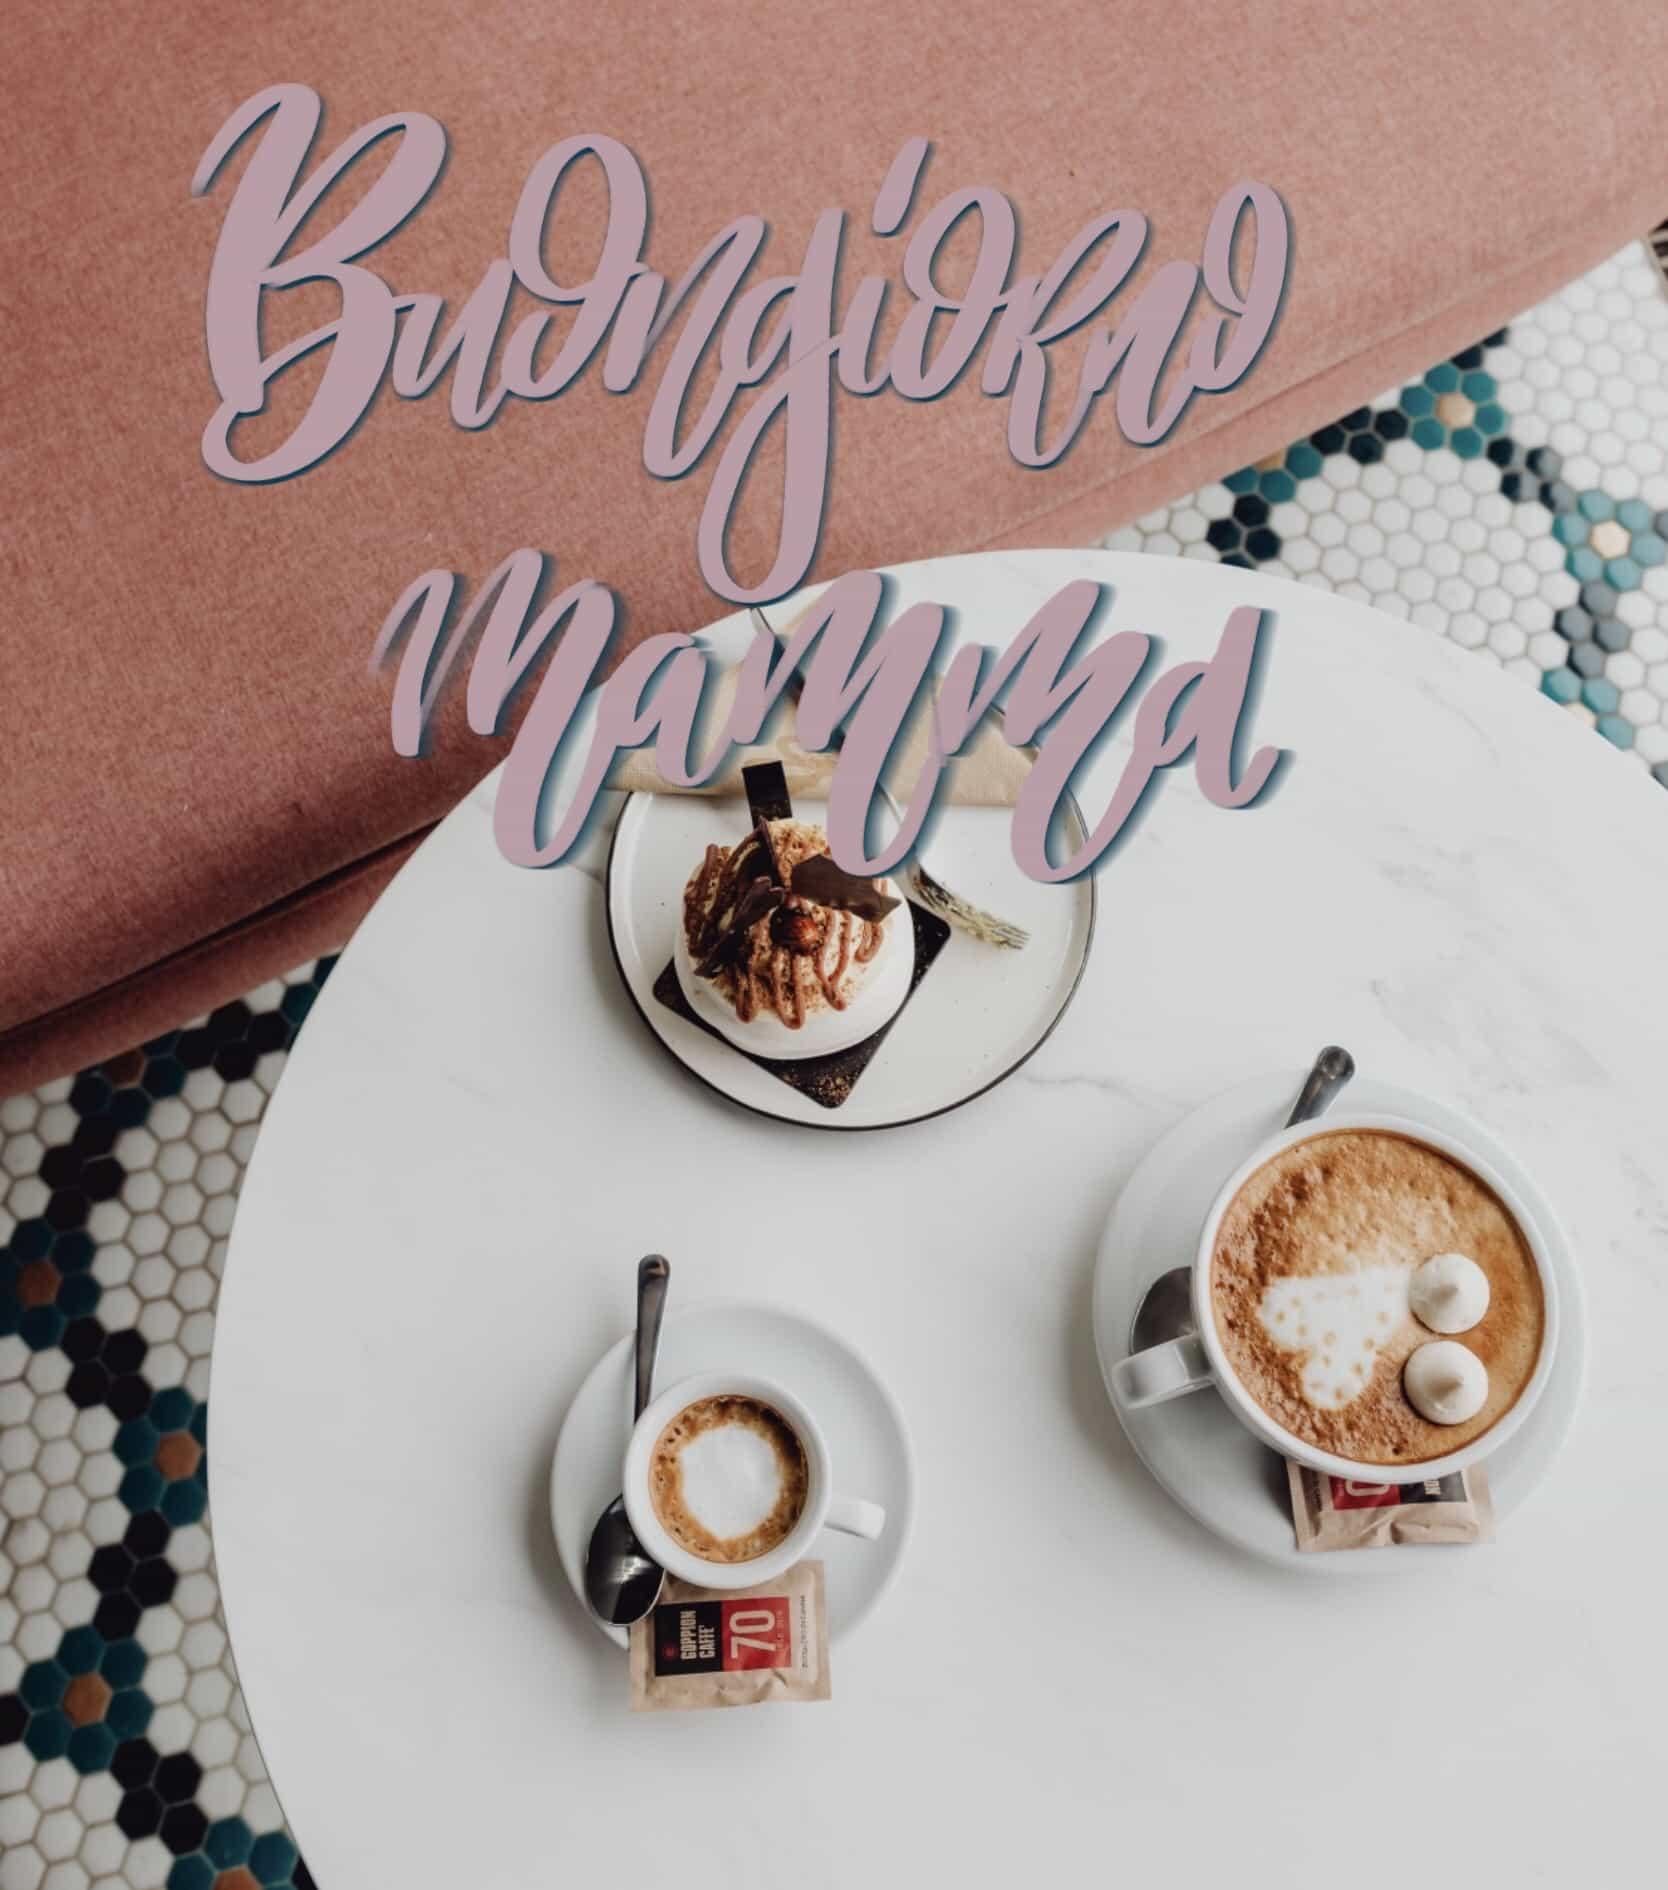 Buona giornata a mamma con caffe